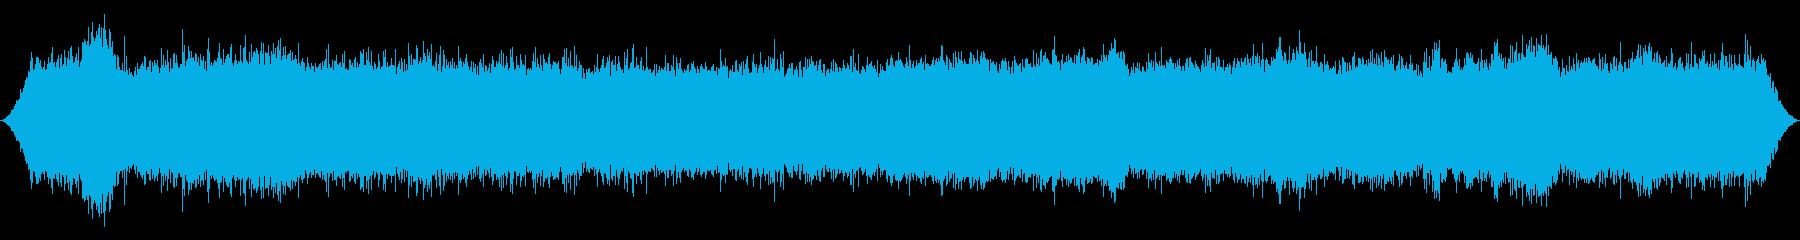 オーシャン:波が重く、強力な波のう...の再生済みの波形